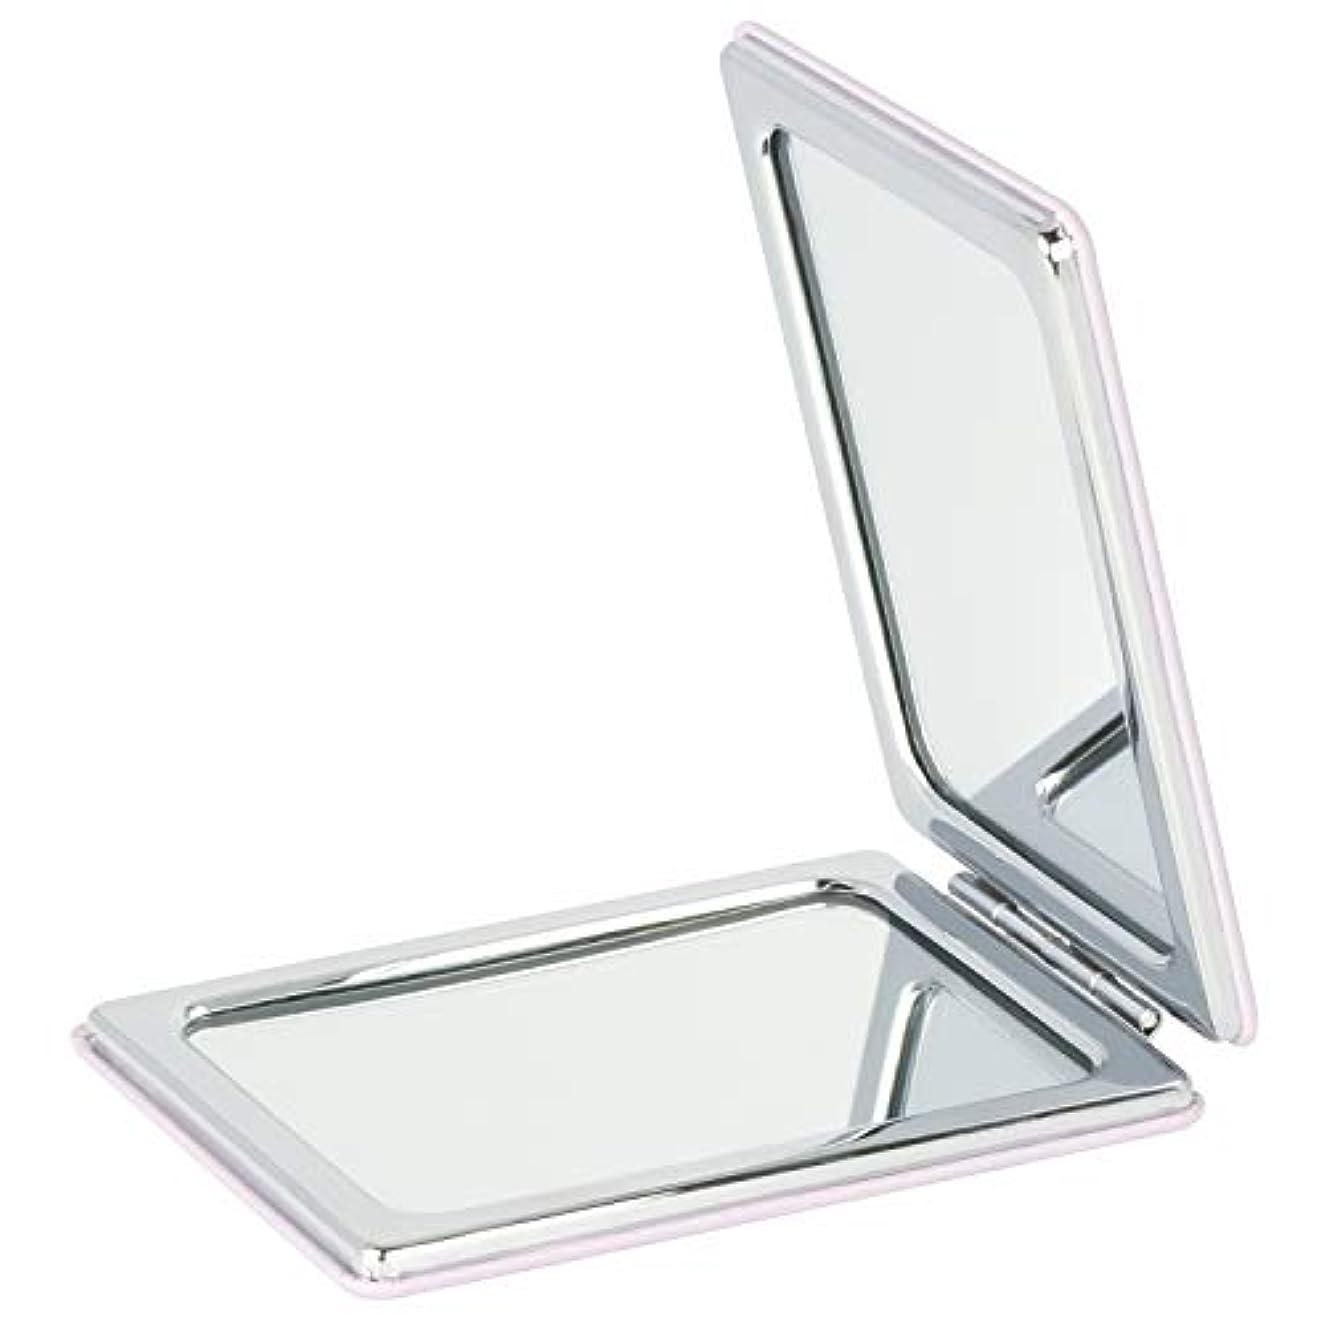 ジョージスティーブンソン権威同盟Mouyor 両面コンパクトミラー 手鏡 化粧鏡 携帯ミラー ハンドミラー 5倍拡大鏡+等倍鏡 折りたたみ (角形-A4)